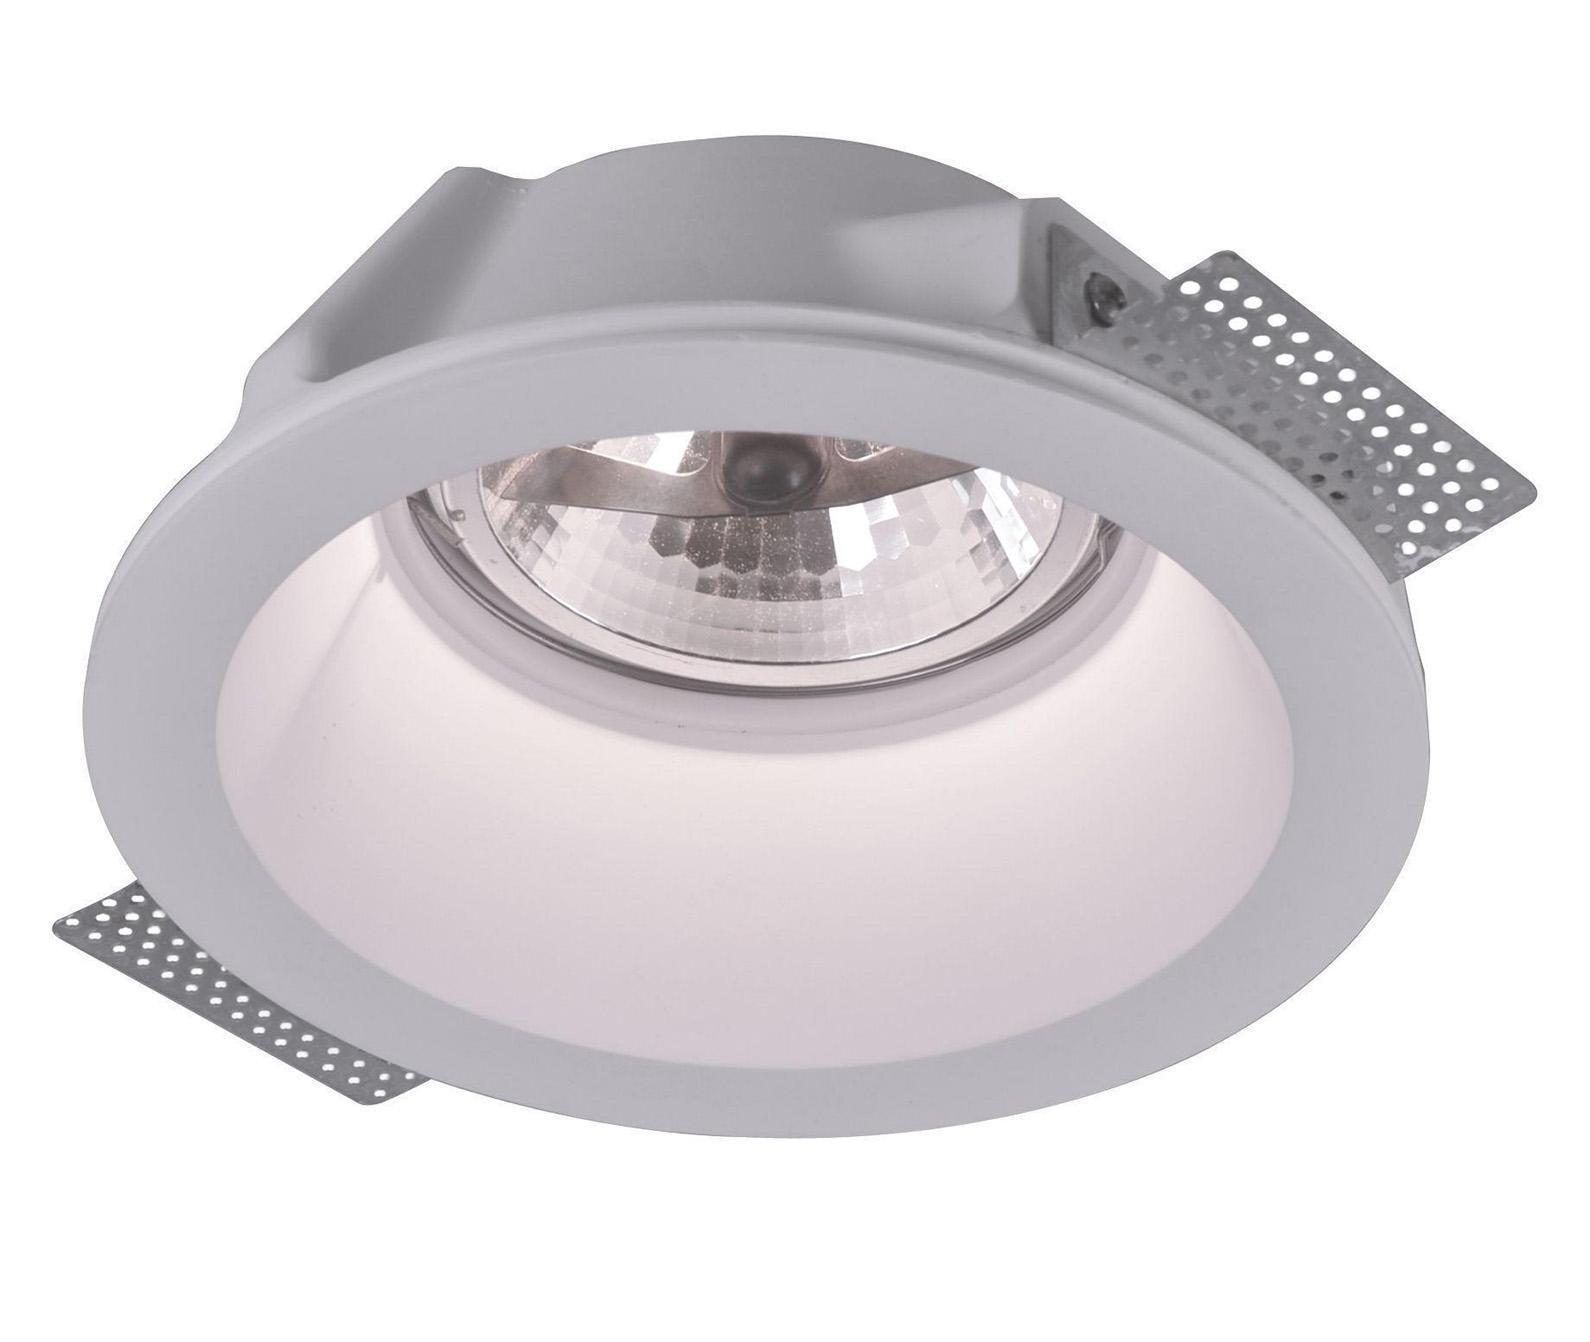 Светильник встраиваемый Arte lamp A9270pl-1wh цены